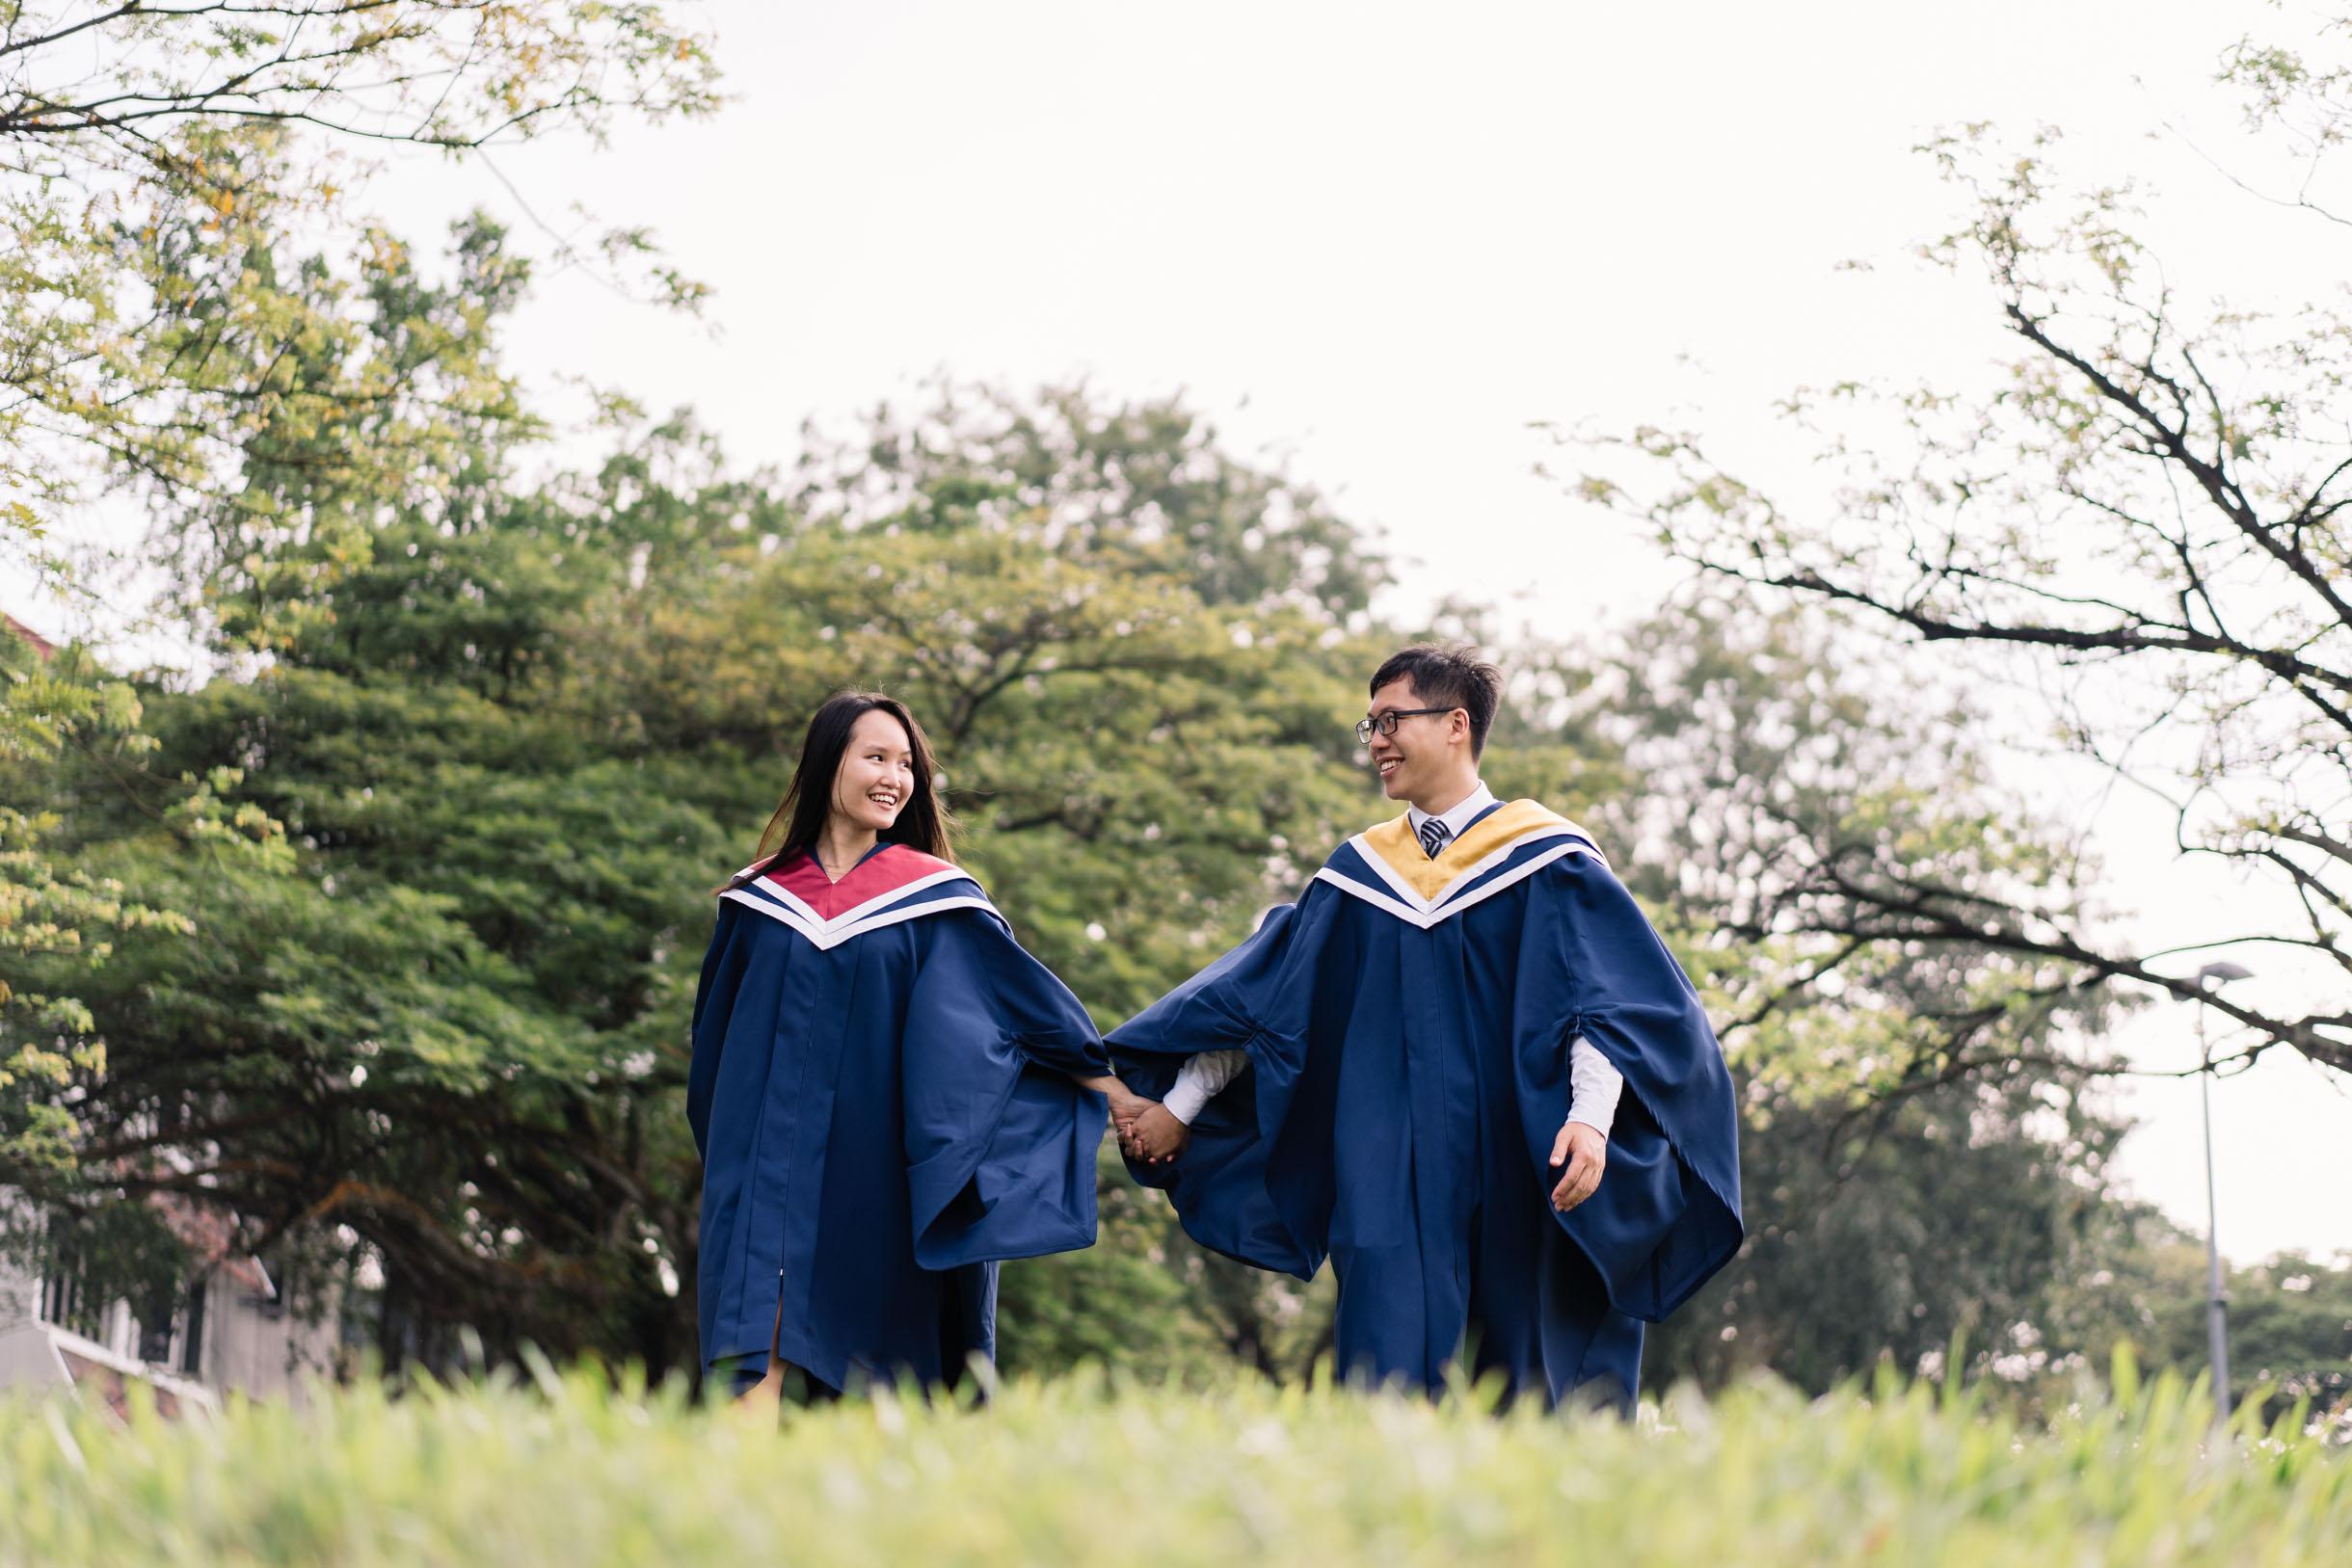 20180811-Graduation - Portfolio-079